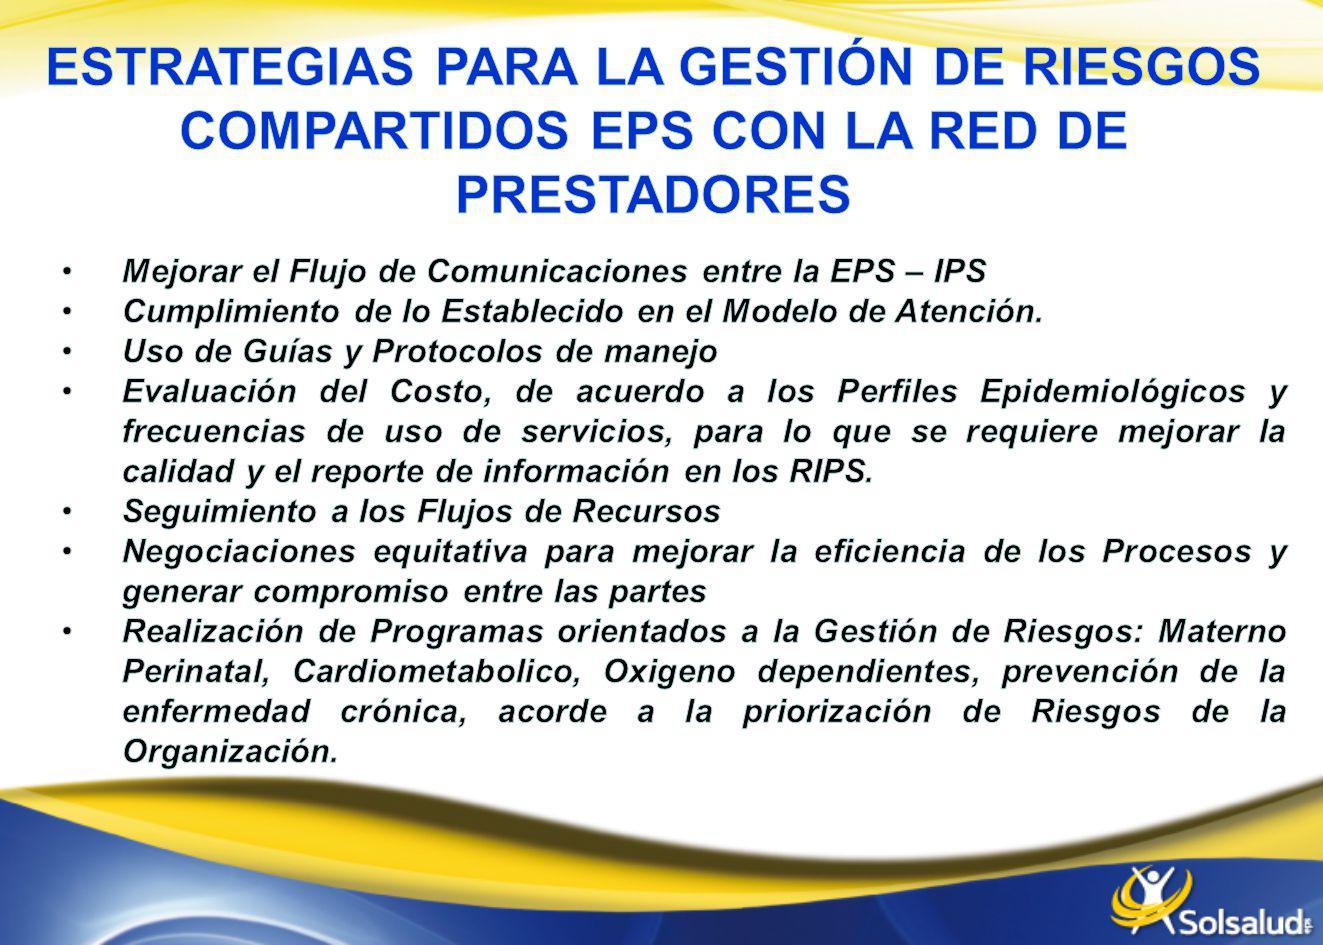 ESTRATEGIAS PARA LA GESTIÓN DE RIESGOS COMPARTIDOS EPS CON LA RED DE PRESTADORES